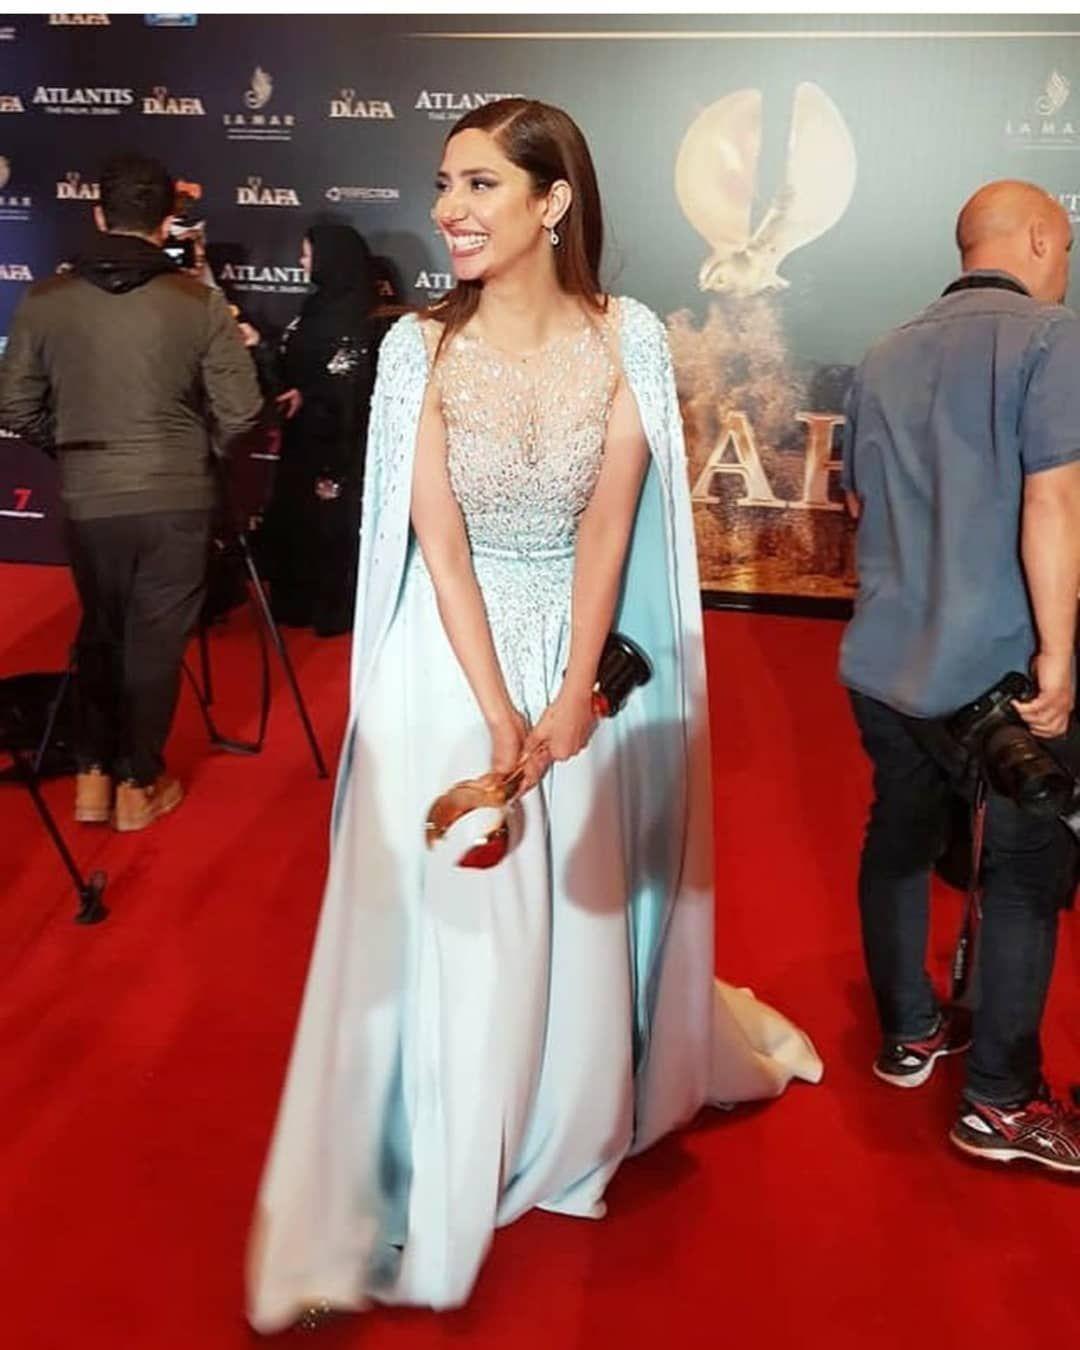 Mahira Khan At Diafa Awards Last Night In Dubai